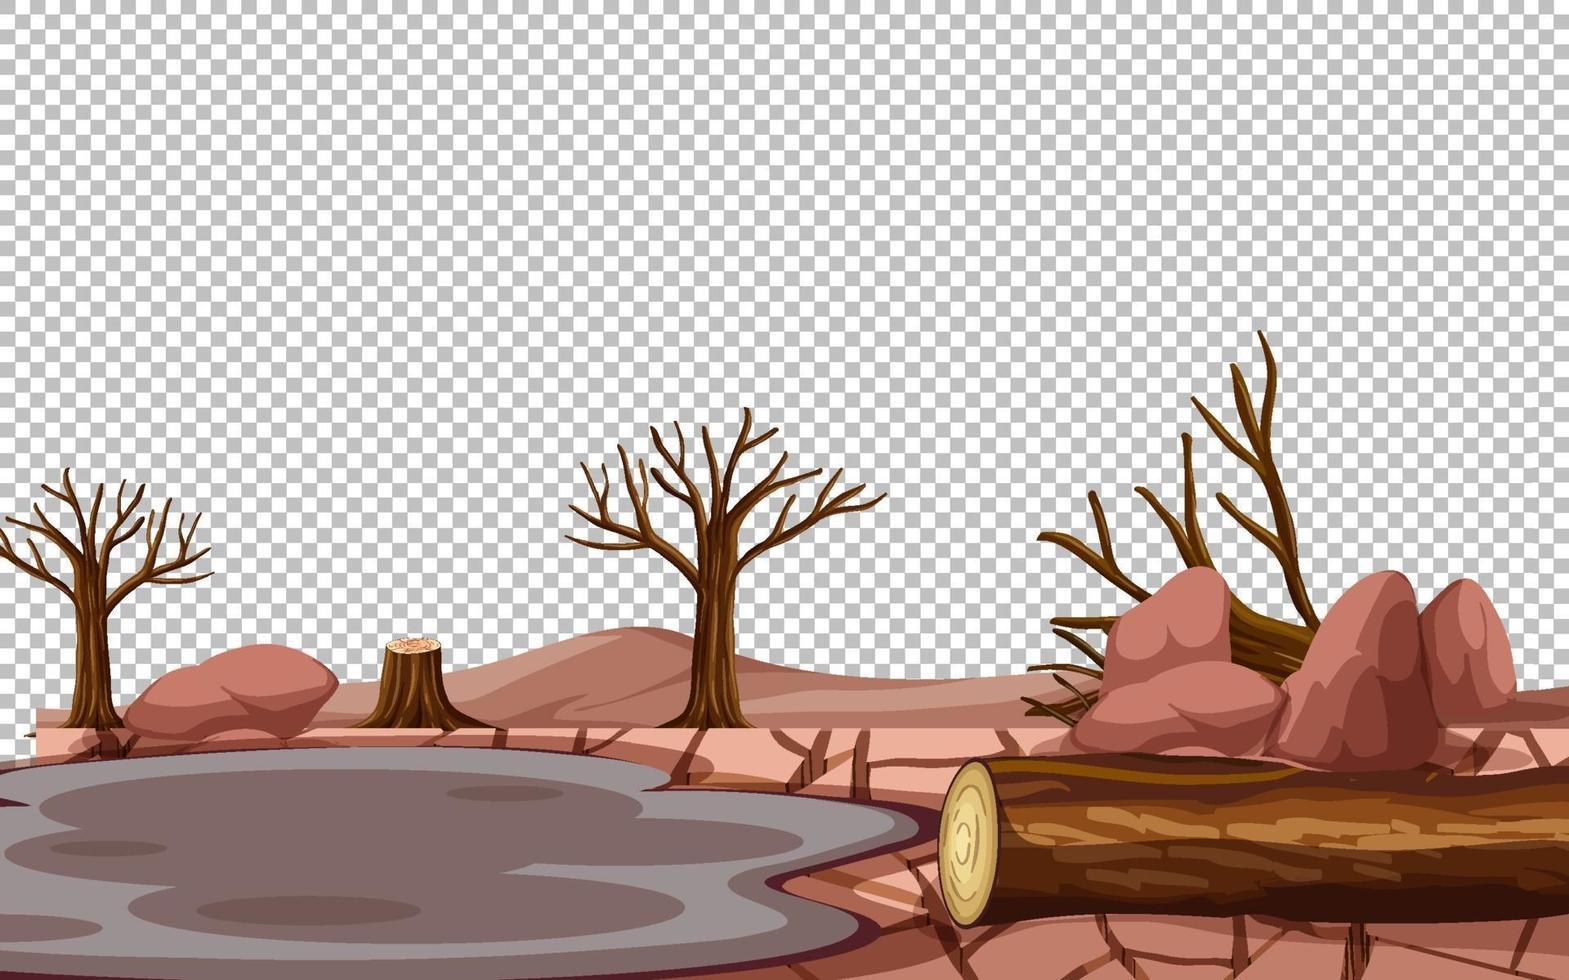 paesaggio secco terra incrinata su sfondo trasparente vettore